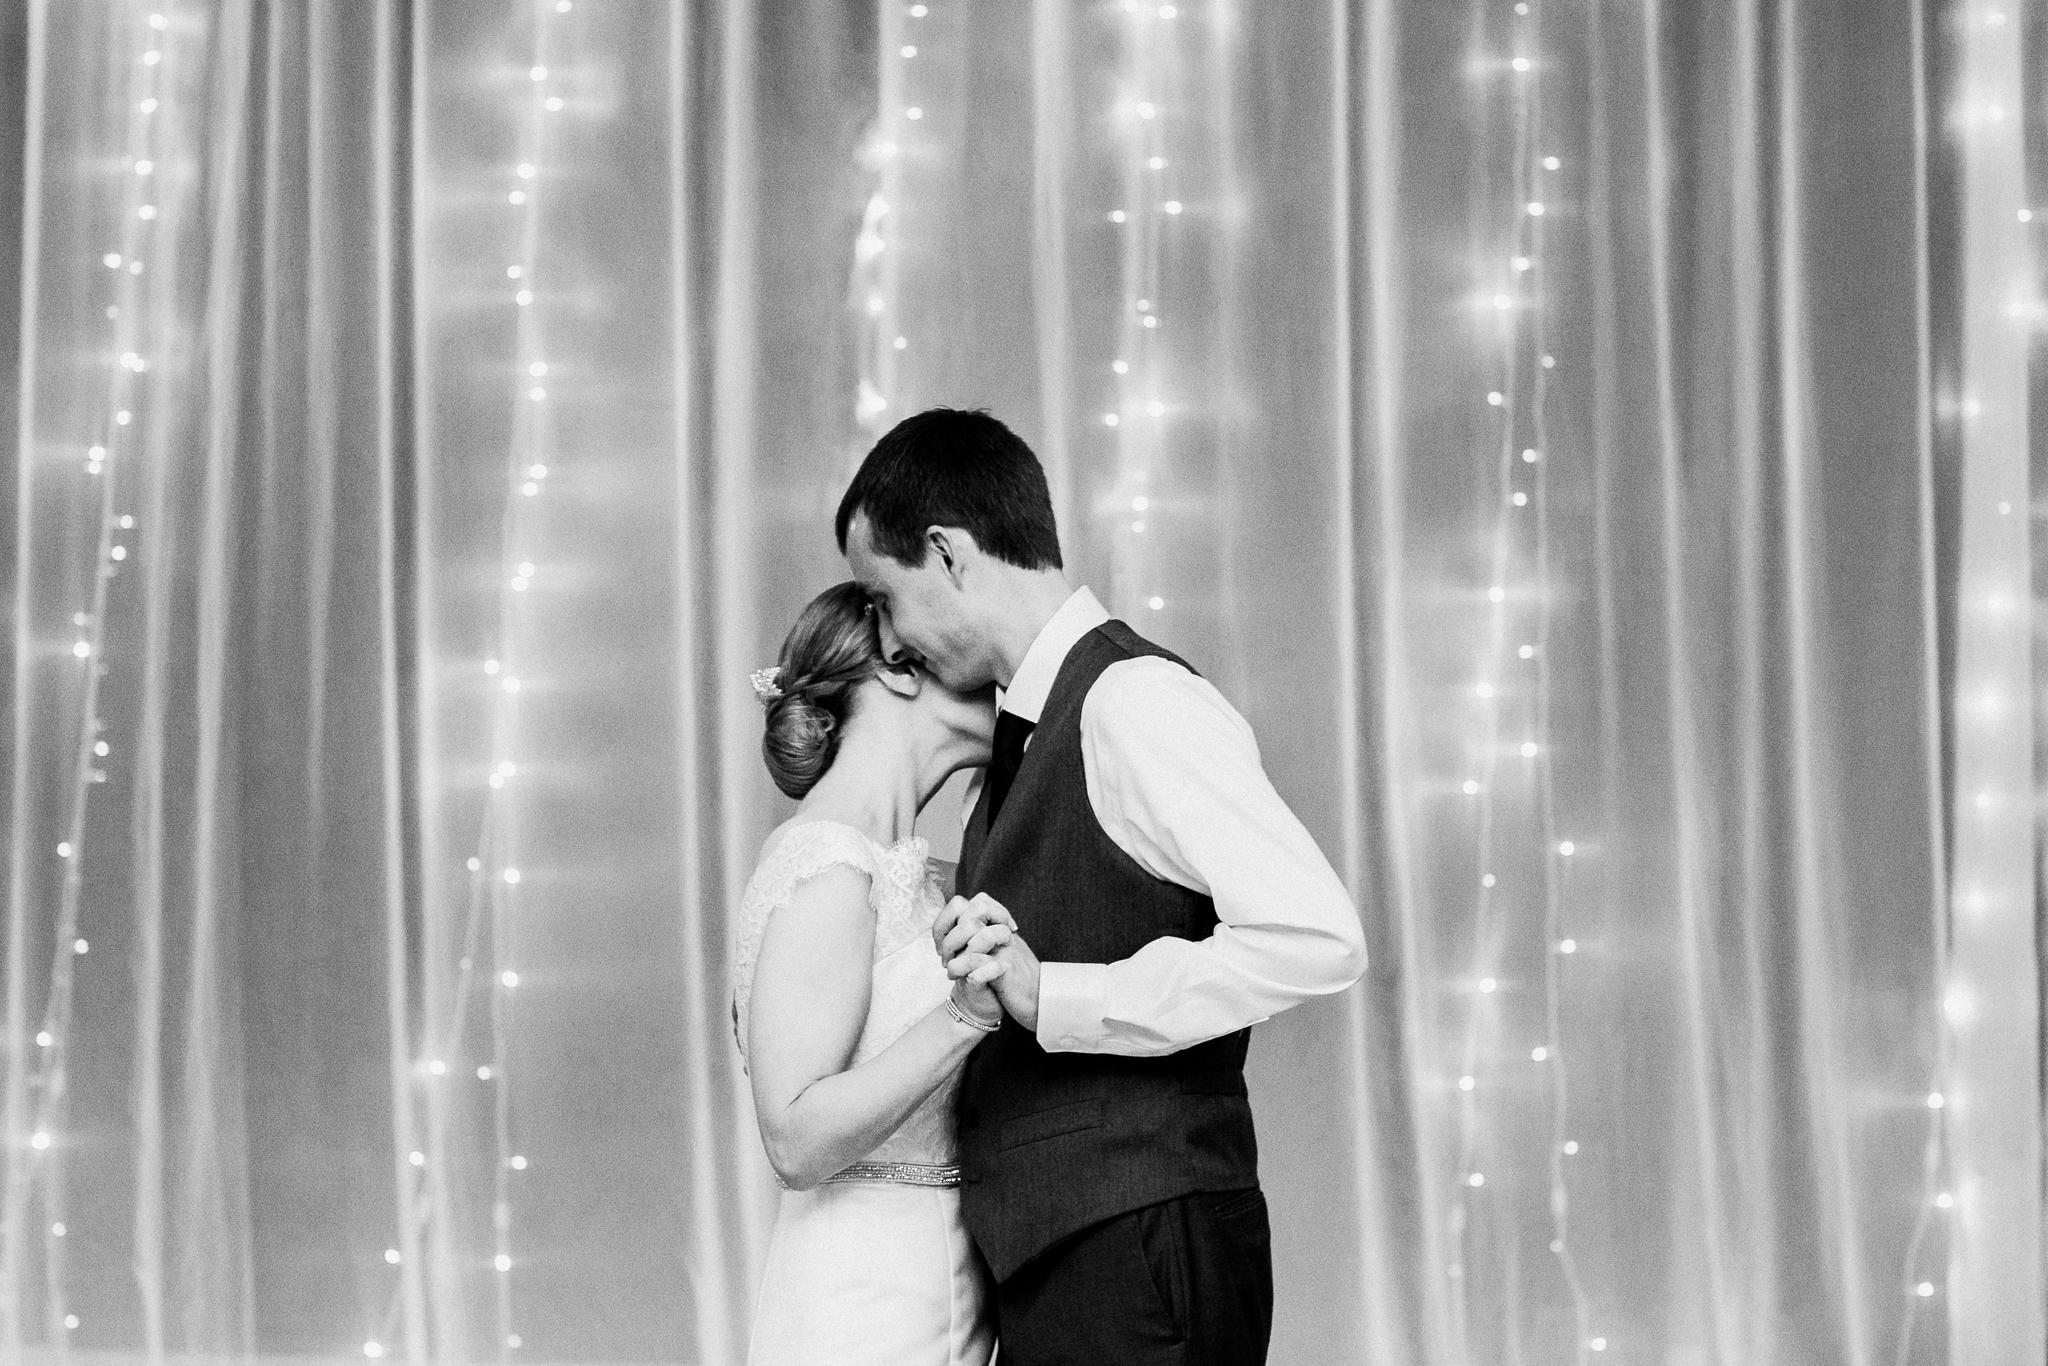 noahs_event_venue_naperville_IL_wedding_photographer_0064.jpg